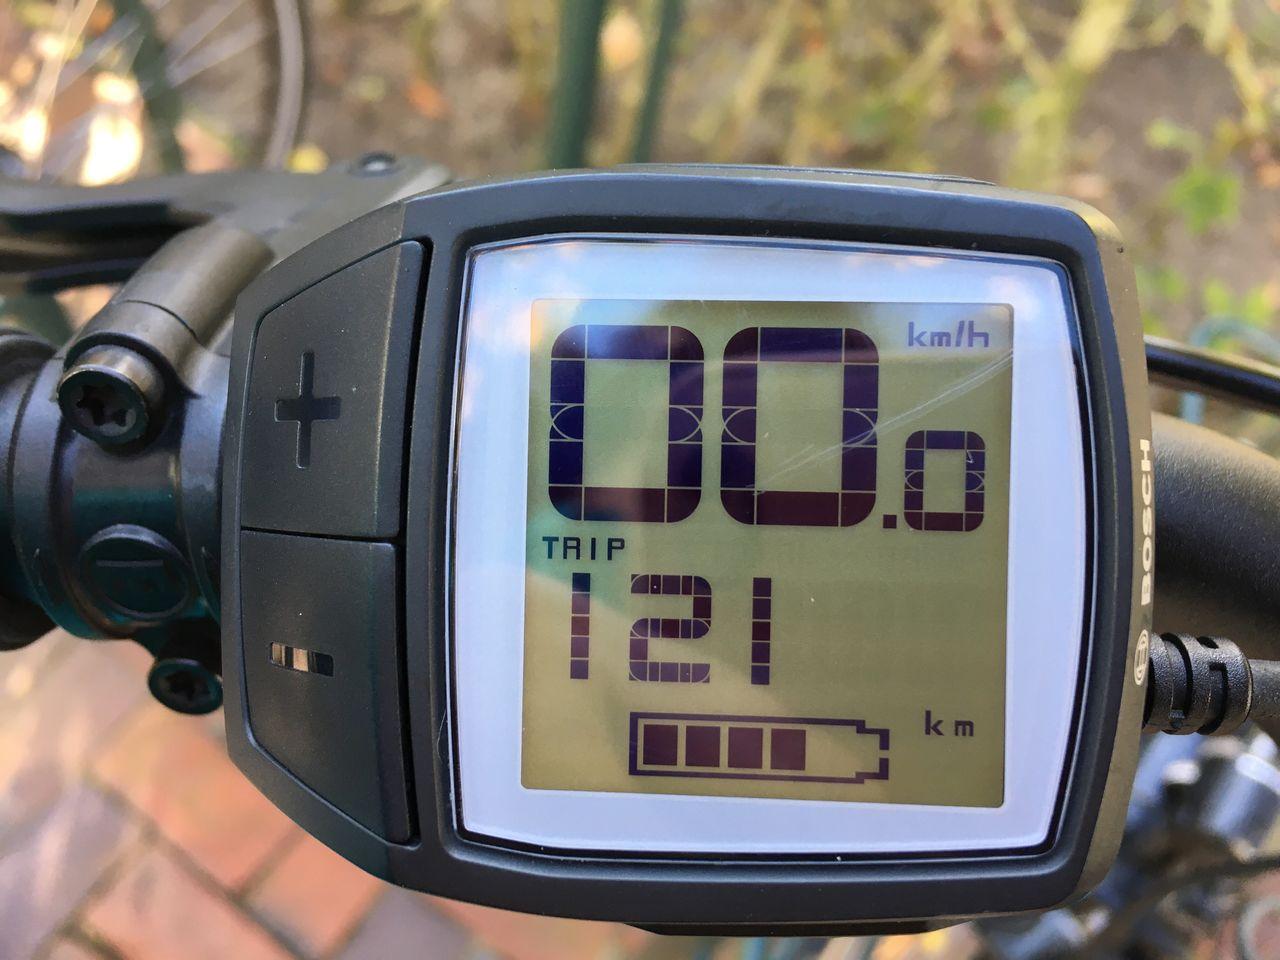 Close-up of tachometer